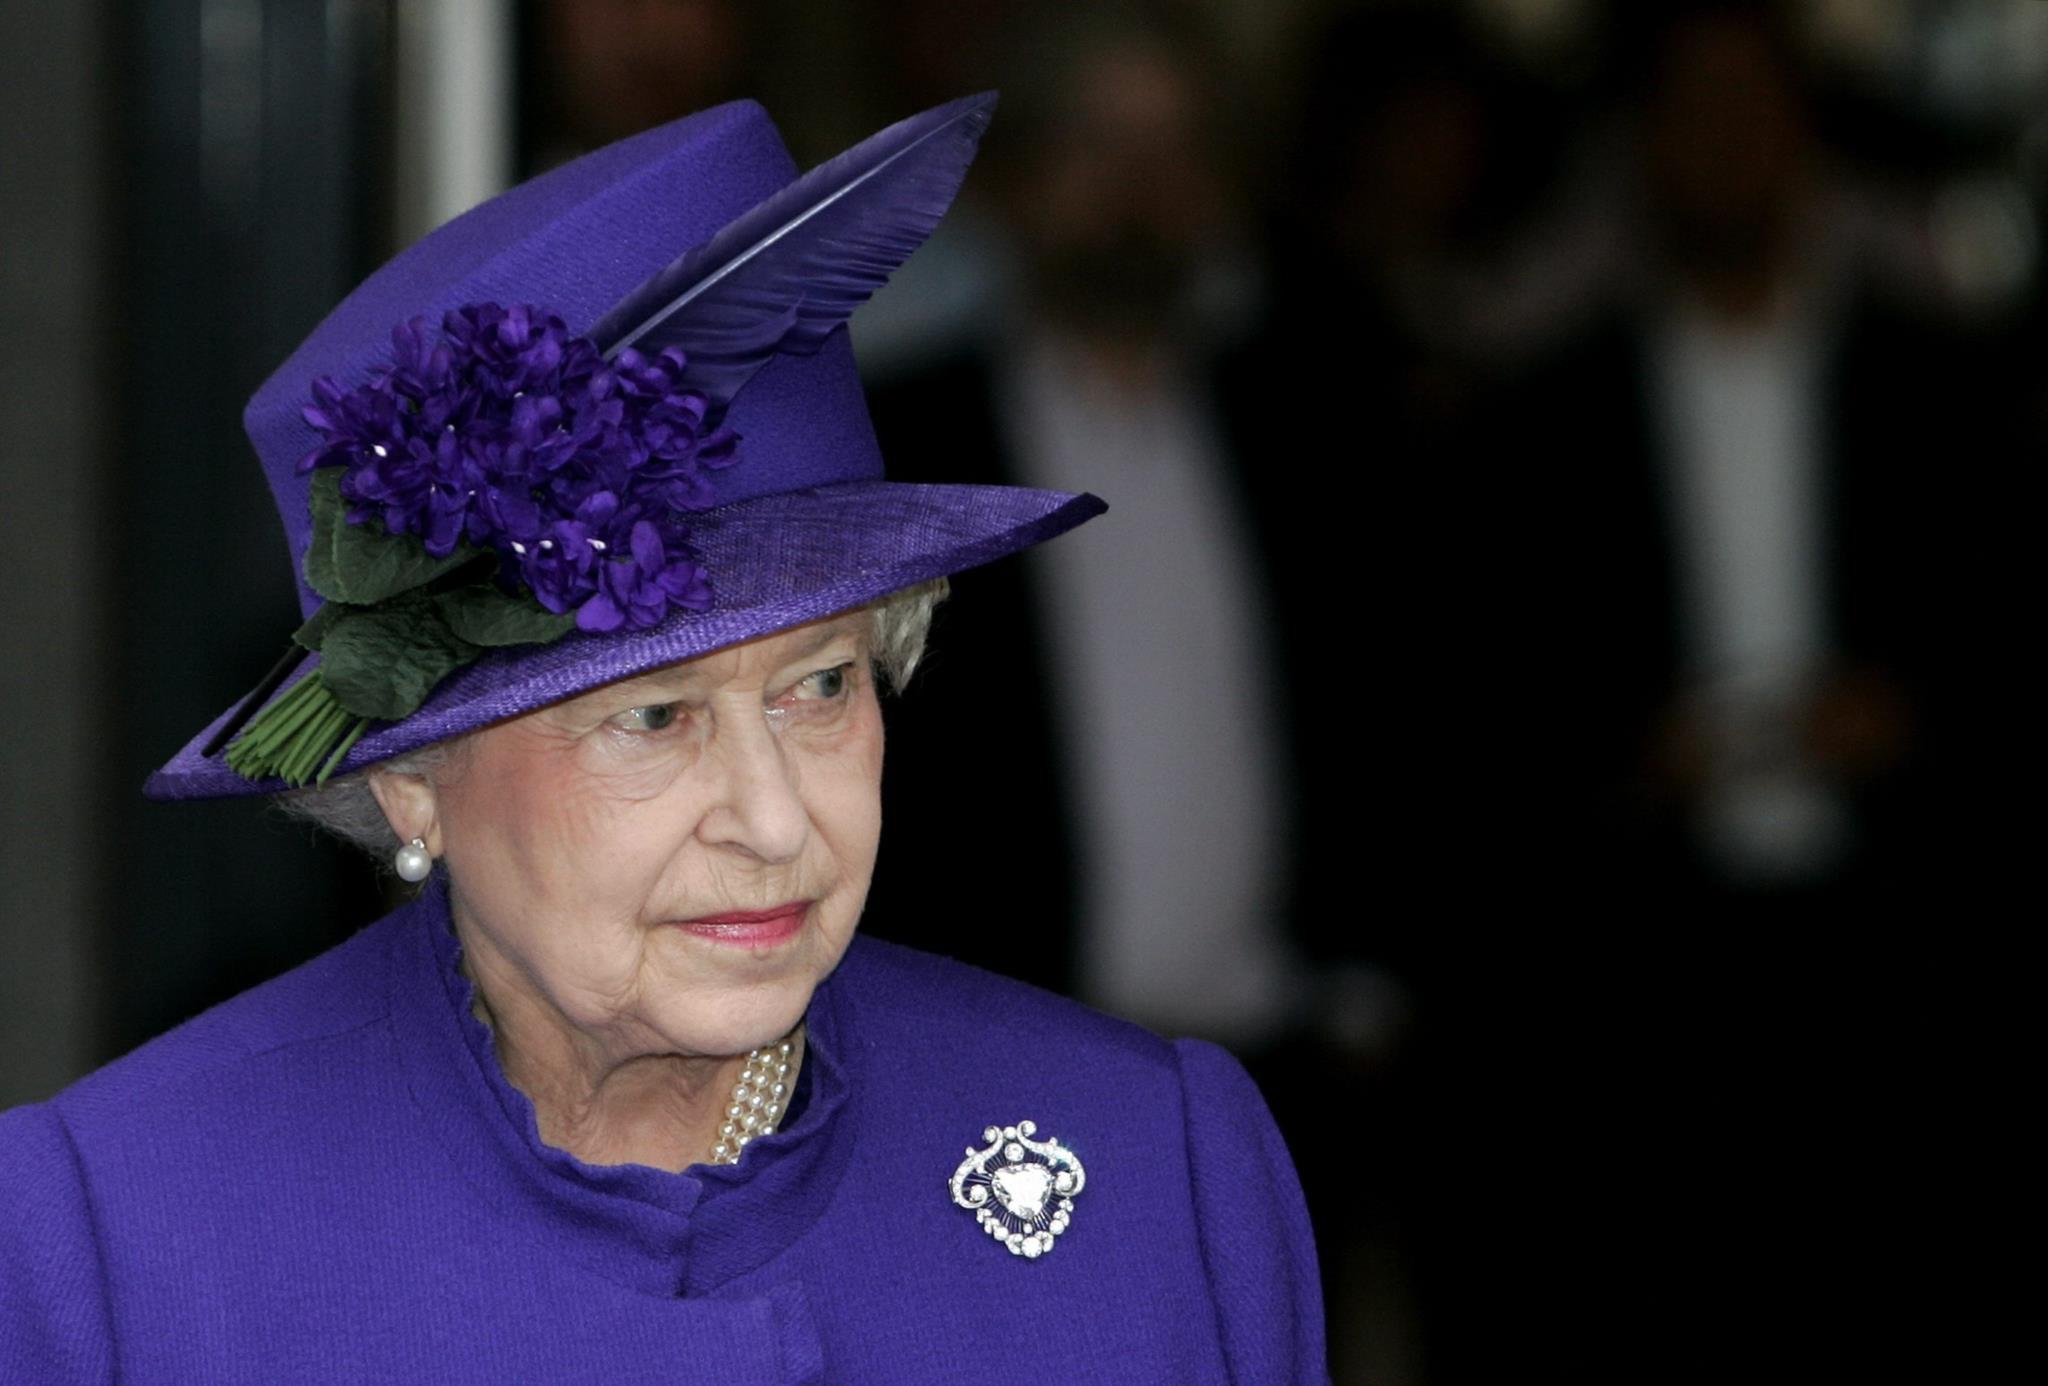 PÚBLICO - Isabel II recebe aumento de quase 7 milhões de euros